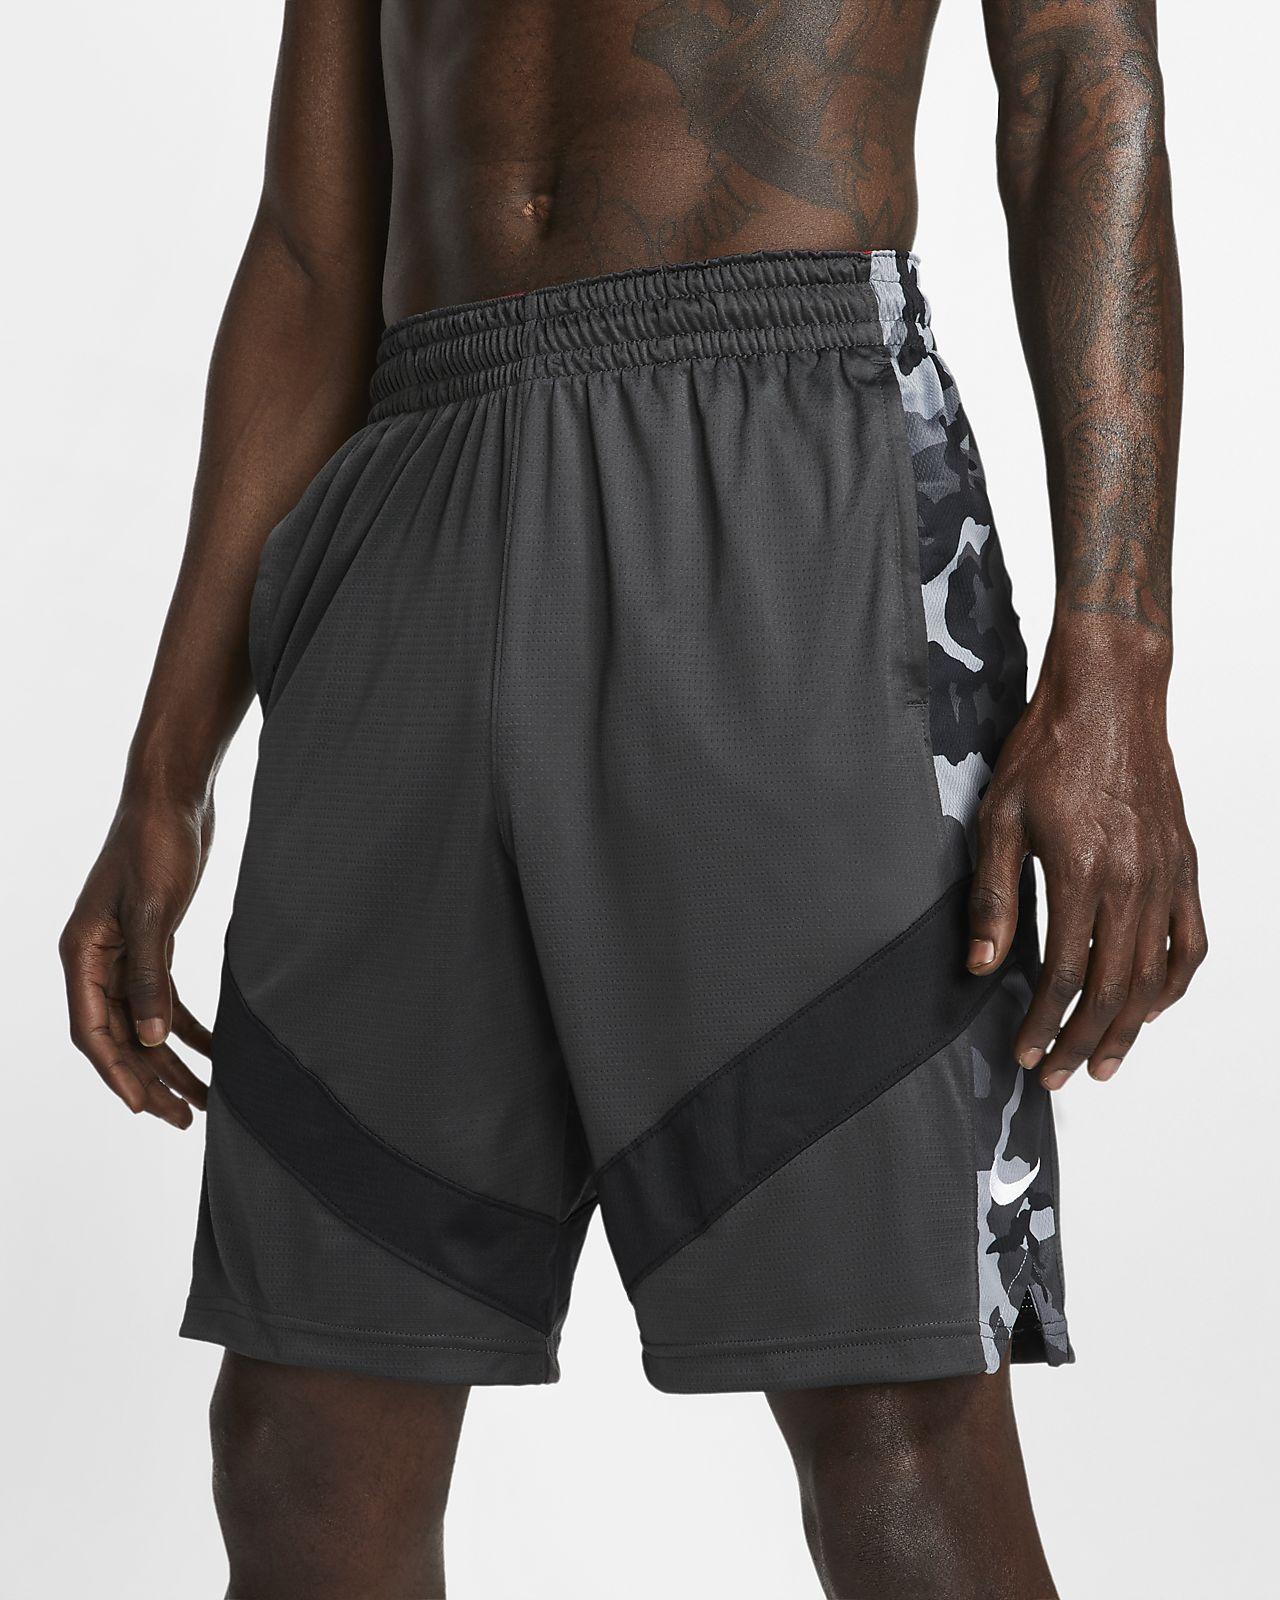 กางเกงบาสเก็ตบอลขาสั้นผู้ชายพิมพ์ลาย Nike Dri-FIT Courtlines